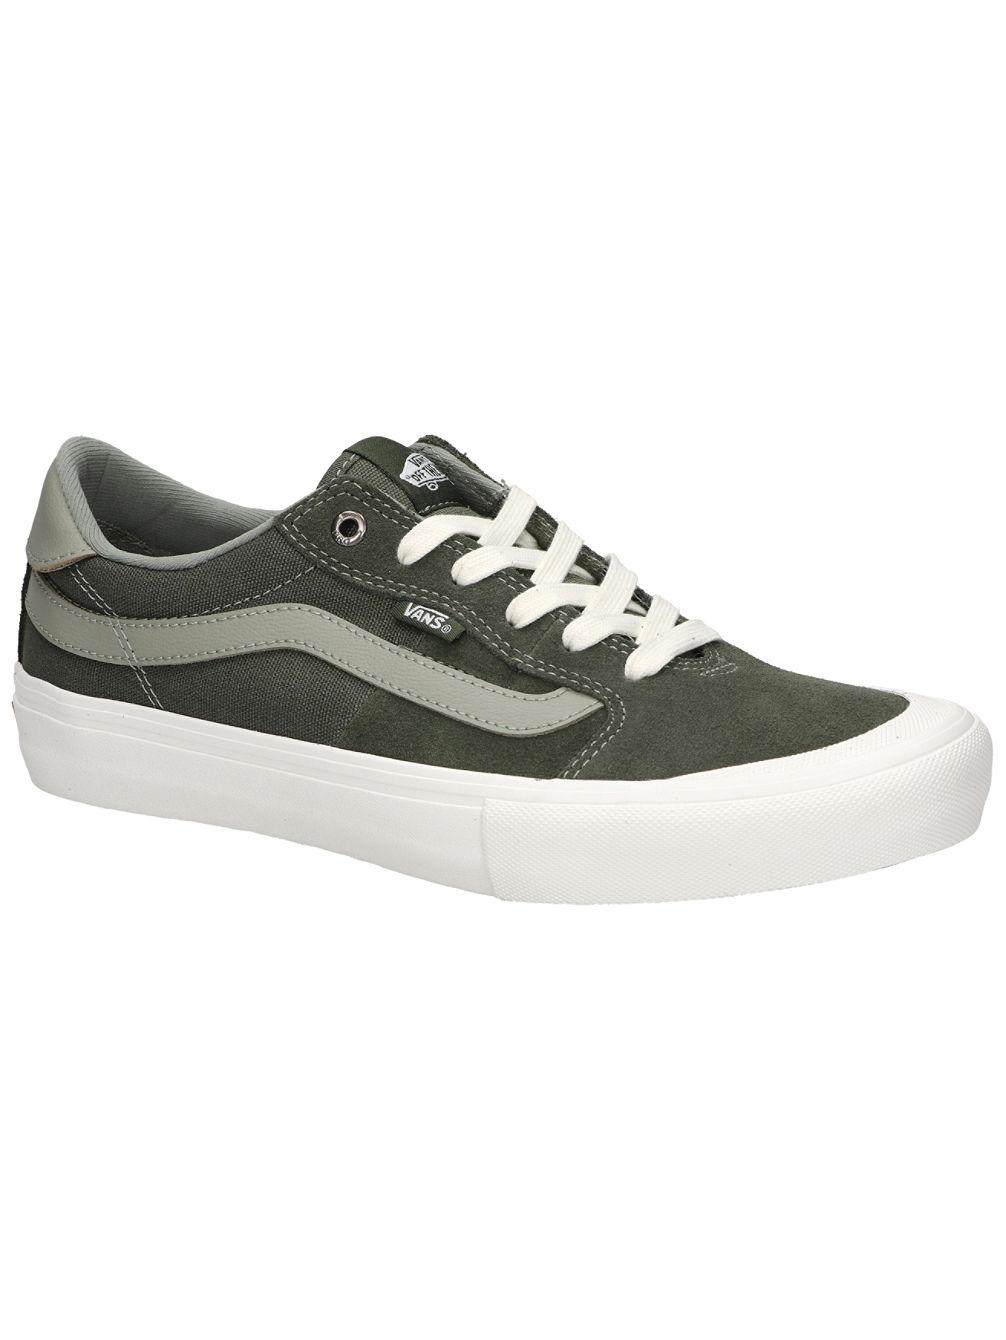 gesamte Sammlung heißes Produkt Online-Einzelhändler Style 112 Pro Skate Shoes